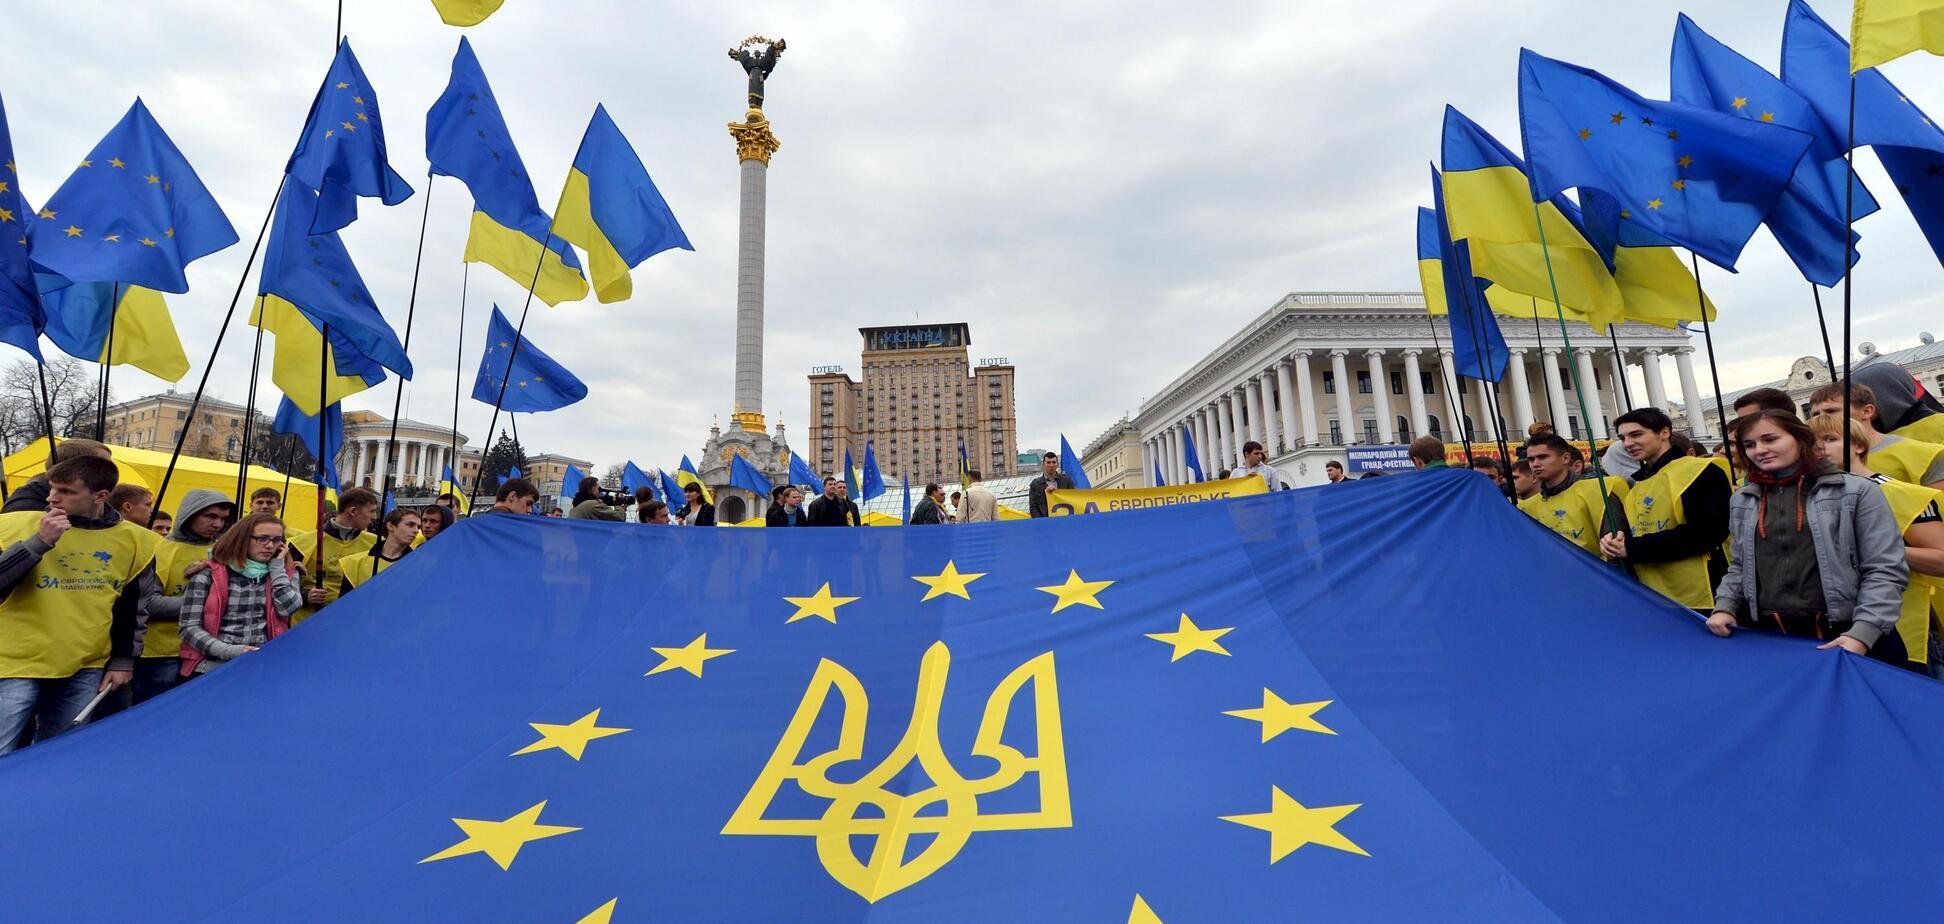 День Європи: що значить для України та як відзначається свято